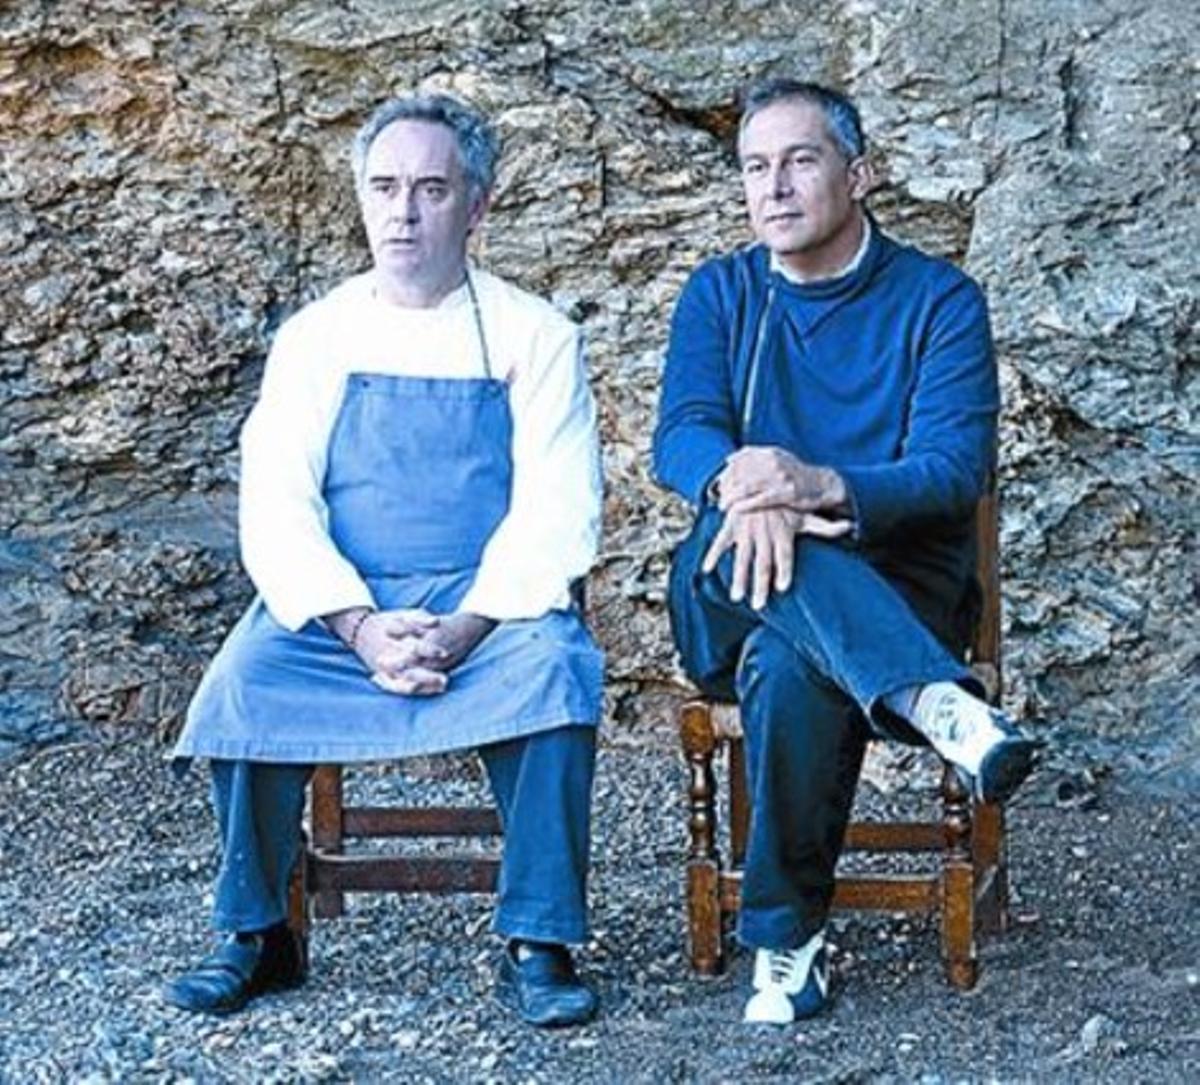 Imagen de El Bulli tomada desde la orilla de Cala Montjoi. A la derecha, Ferran Adrià y el arquitecto Enric Ruiz Geli.